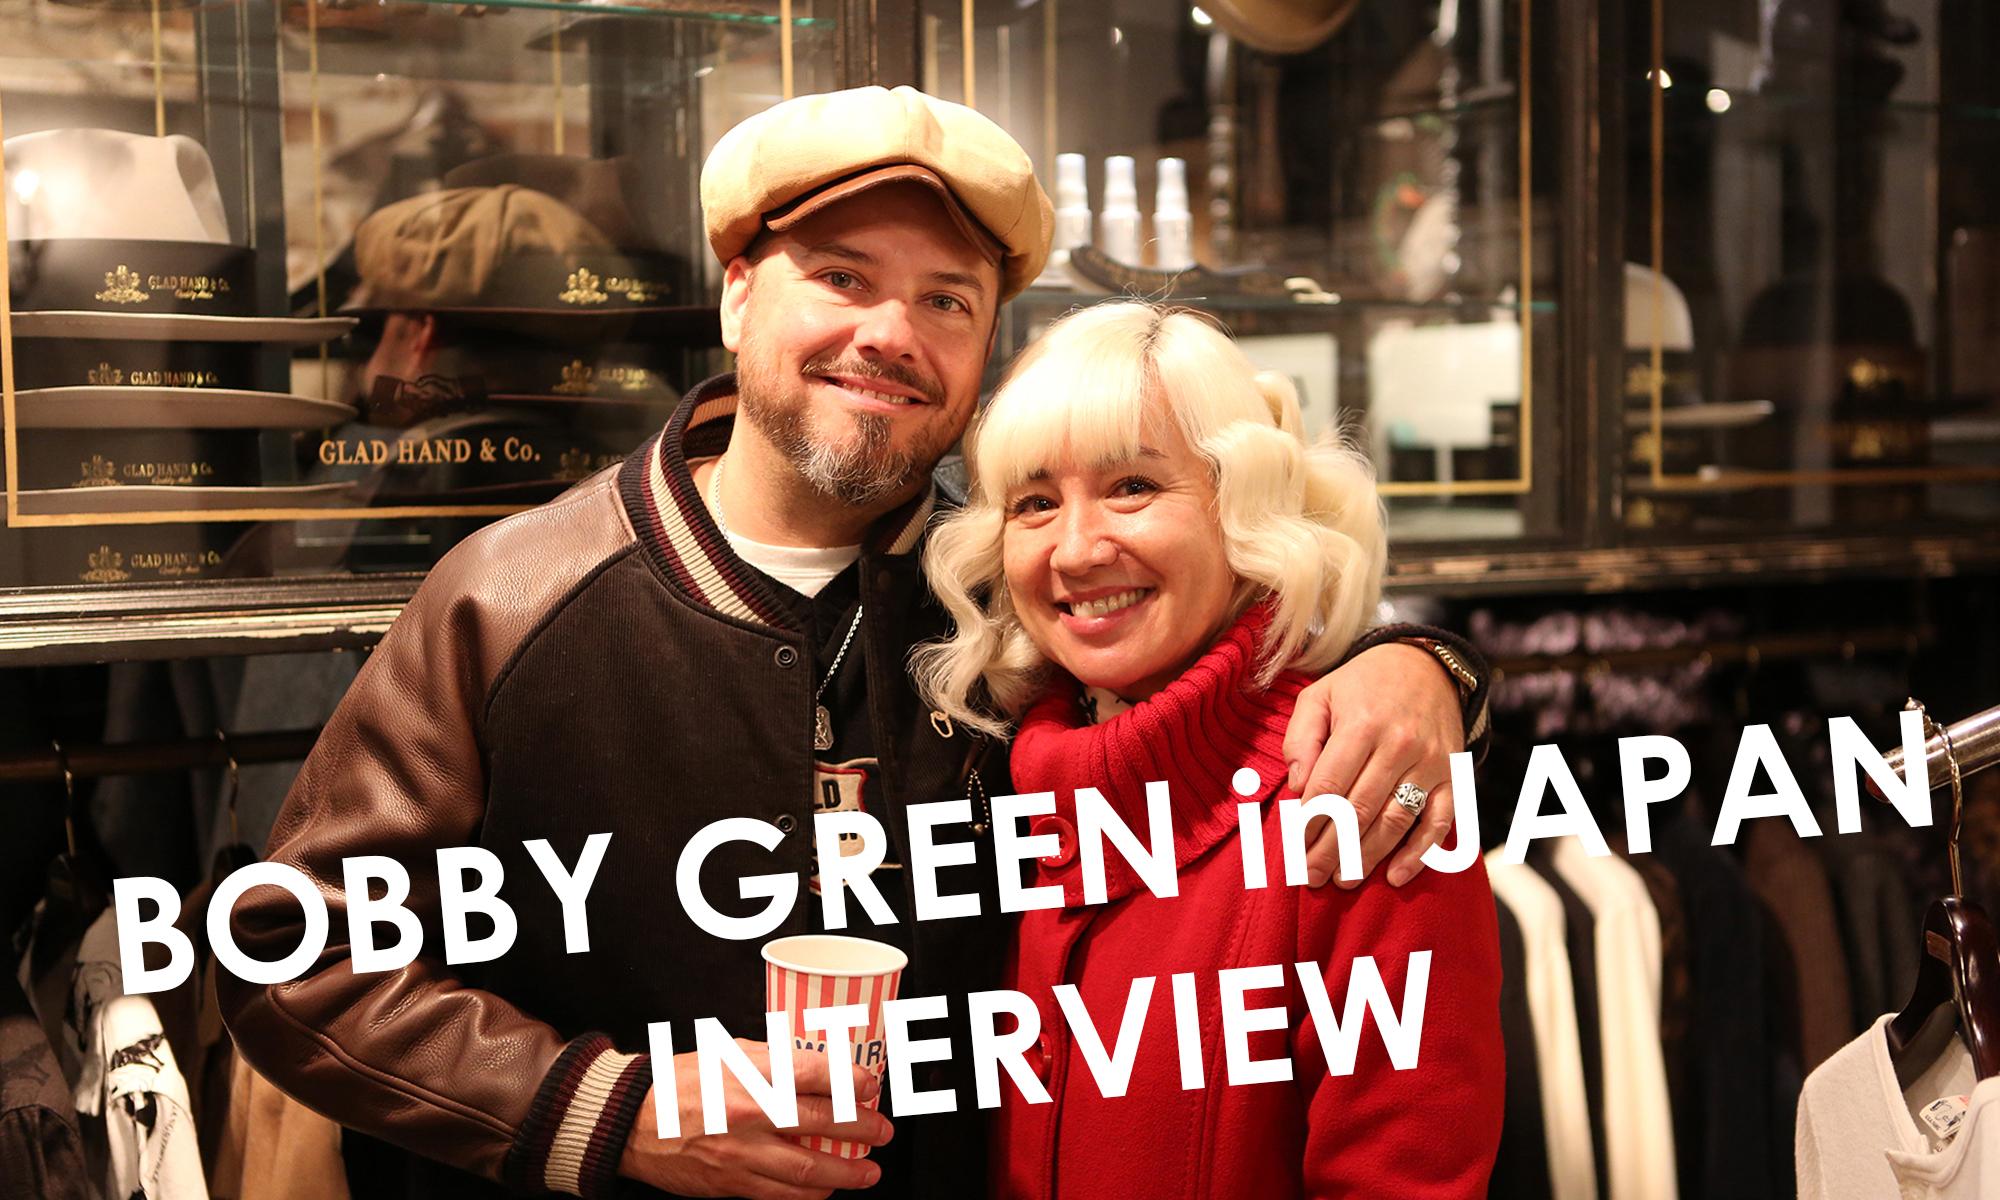 アメリカンカルチャー&バイクを極めた男に独占直撃! BOBBY GREEN in JAPAN -INTERVIEW-